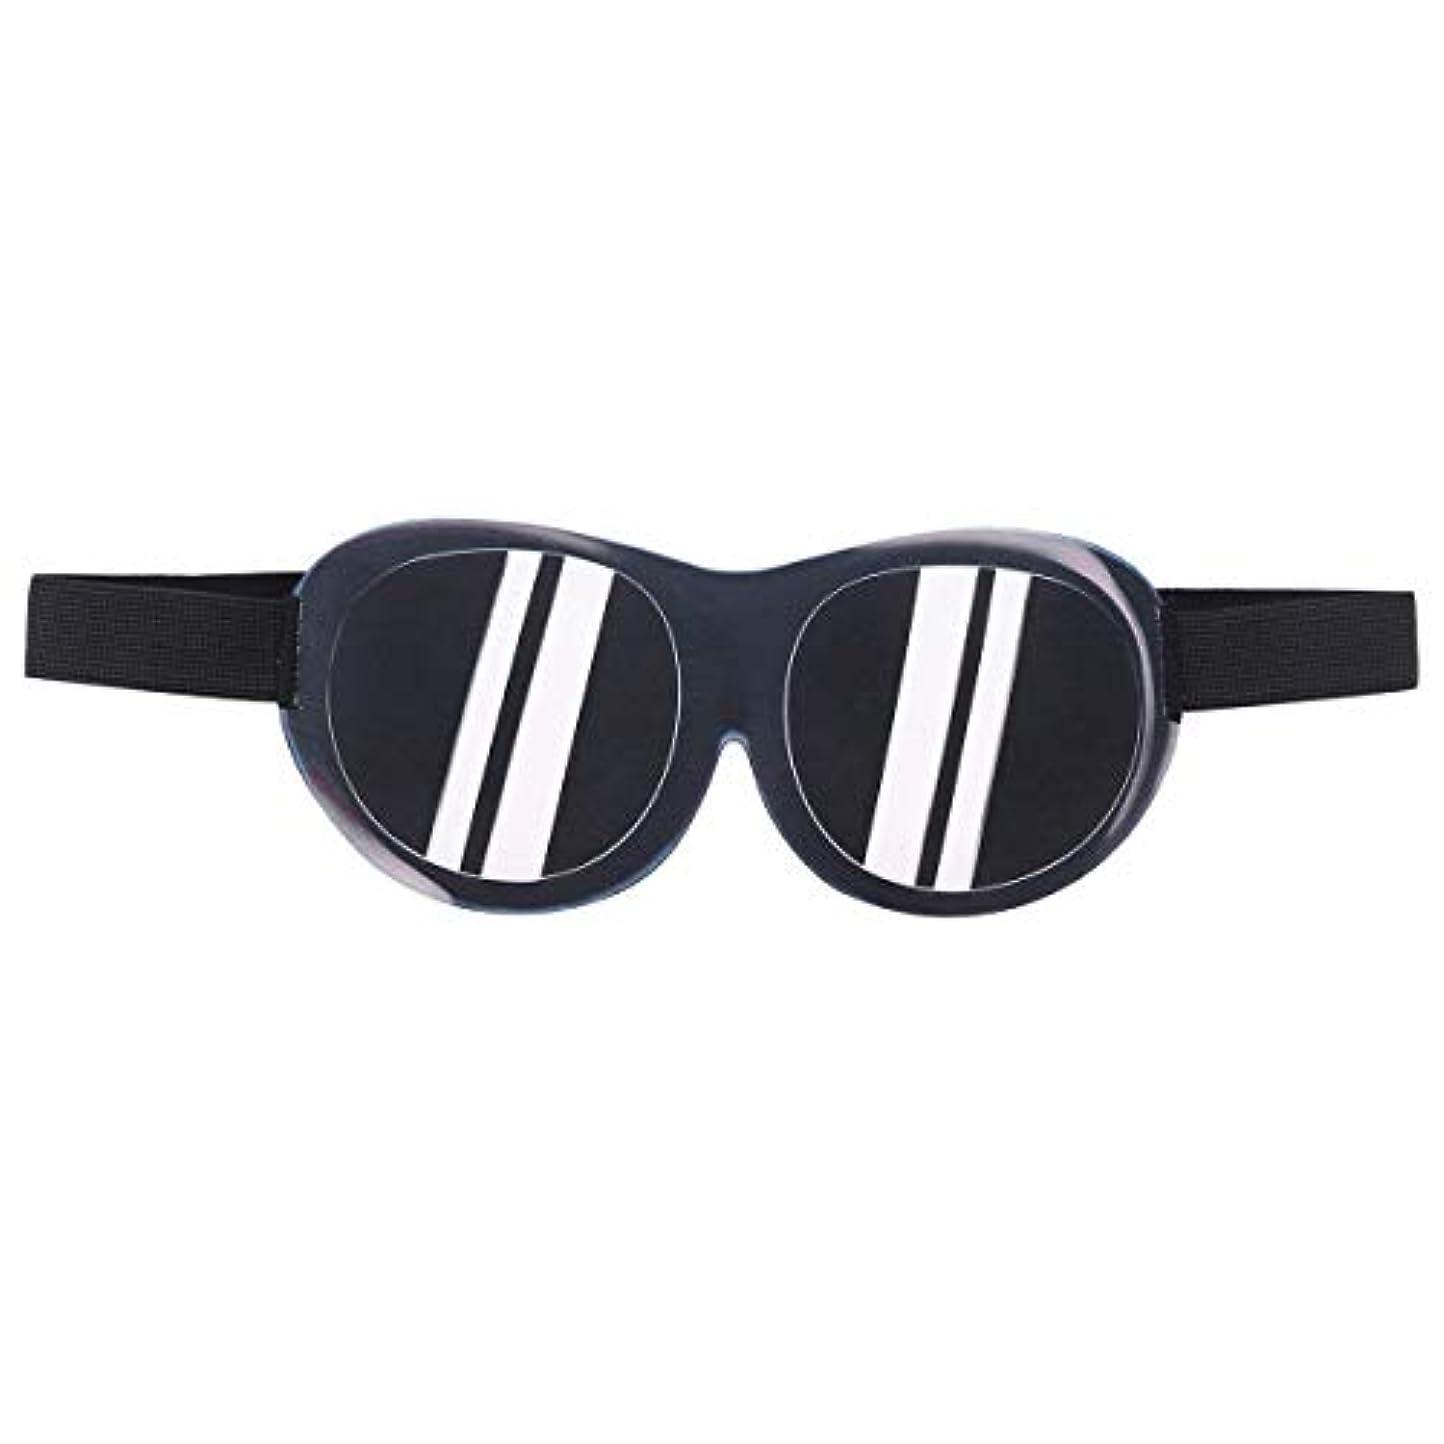 下位賢い講堂Healifty 3D面白いアイシェード睡眠マスク旅行アイマスク目隠し睡眠ヘルパーアイシェード男性女性旅行昼寝と深い睡眠(サングラスを装ったふりをする)